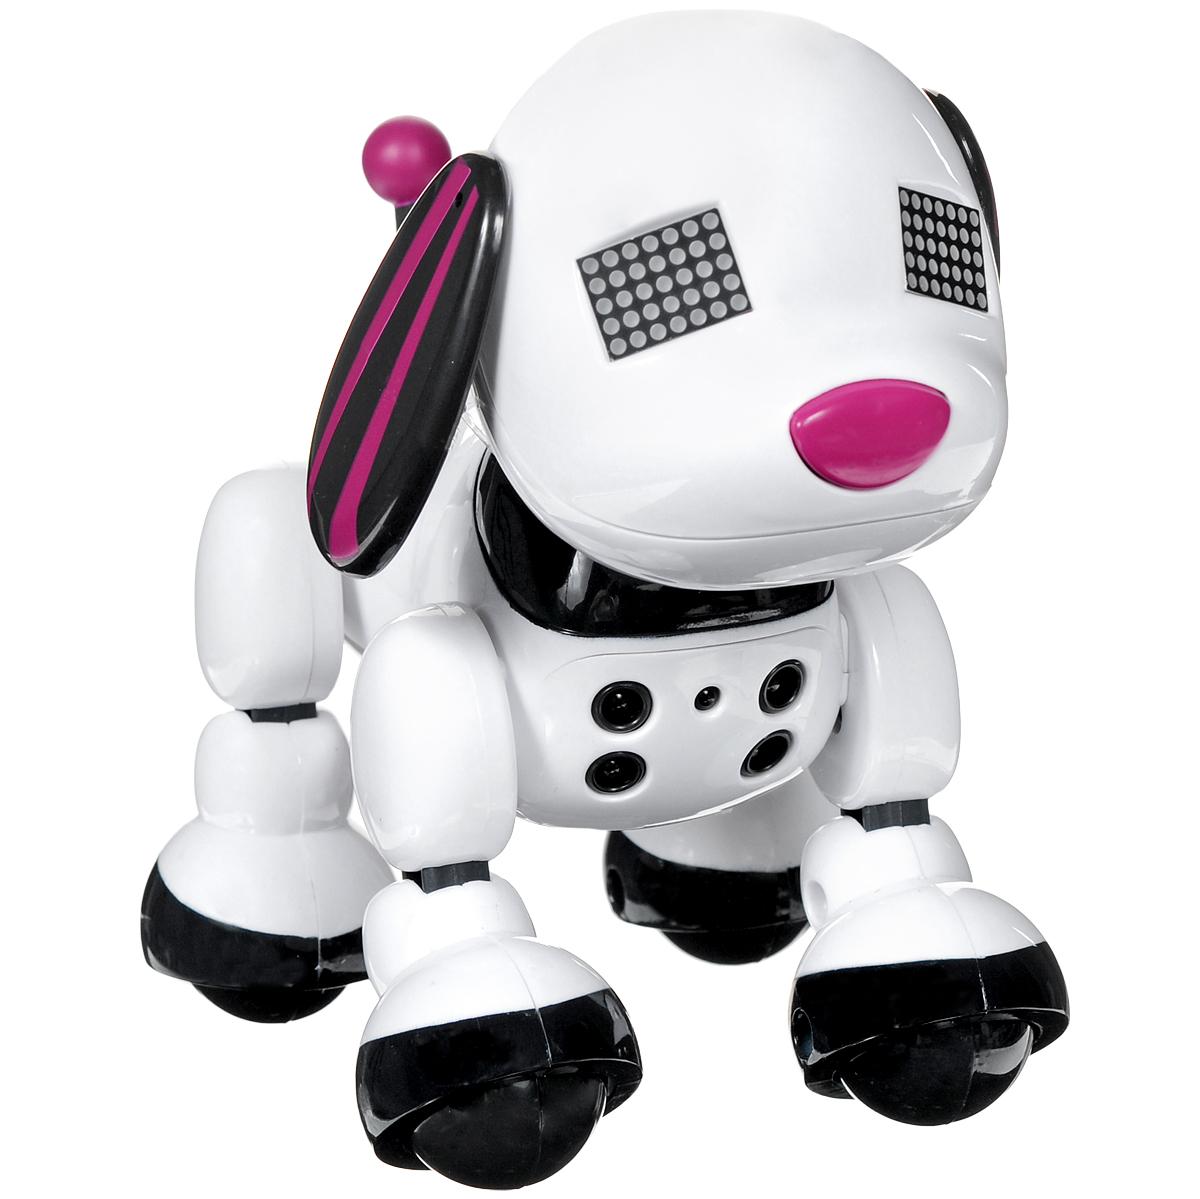 Zoomer Интерактивная игрушка Щенок Zuppies: Скарлет6022352_СКАРЛЕТИнтерактивная игрушка Zoomer Щенок Zuppies: Скарлет станет чудесным подарком для вашего ребенка! Она выполнена из прочного пластика в виде симпатичного улыбающегося щеночка Скарлет. Глазки игрушки представляют собой два пиксельных экранчика, отображающих режимы и эмоции. Игрушка предусматривает режимы Игра, Настроение и Действия, последний из которых включает следующие действия: Музыка, Больше-меньше, Быстрые руки, Режим охраны и мини-игру Разбей пиксели. Чтобы войти в меню действий, нужно нажать кнопку на спине щенка. При нажатии или трении сенсора на голове игрушка начнет лаять. Нажав и удерживая кнопку на спинке, можно узнать уровень счастья. Датчики на груди распознают движение руки на расстоянии от 5 до 25,4 см перед собой. Для смены звукового сопровождения передвигай руку по направлению к и от датчиков. В комплект со щенком входят 12 наклеек для украшения игрушки и иллюстрированная инструкция на русском языке. Для работы игрушки...